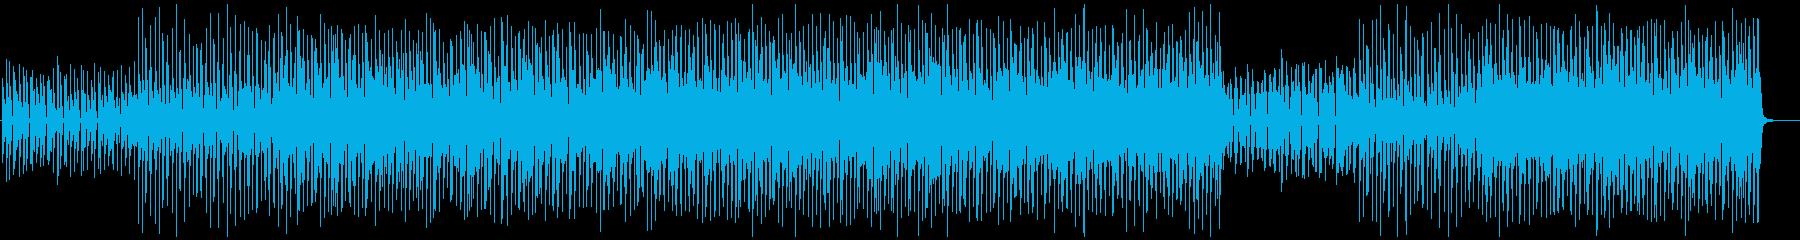 Fun, happy, nimble, ukulele, whistling's reproduced waveform